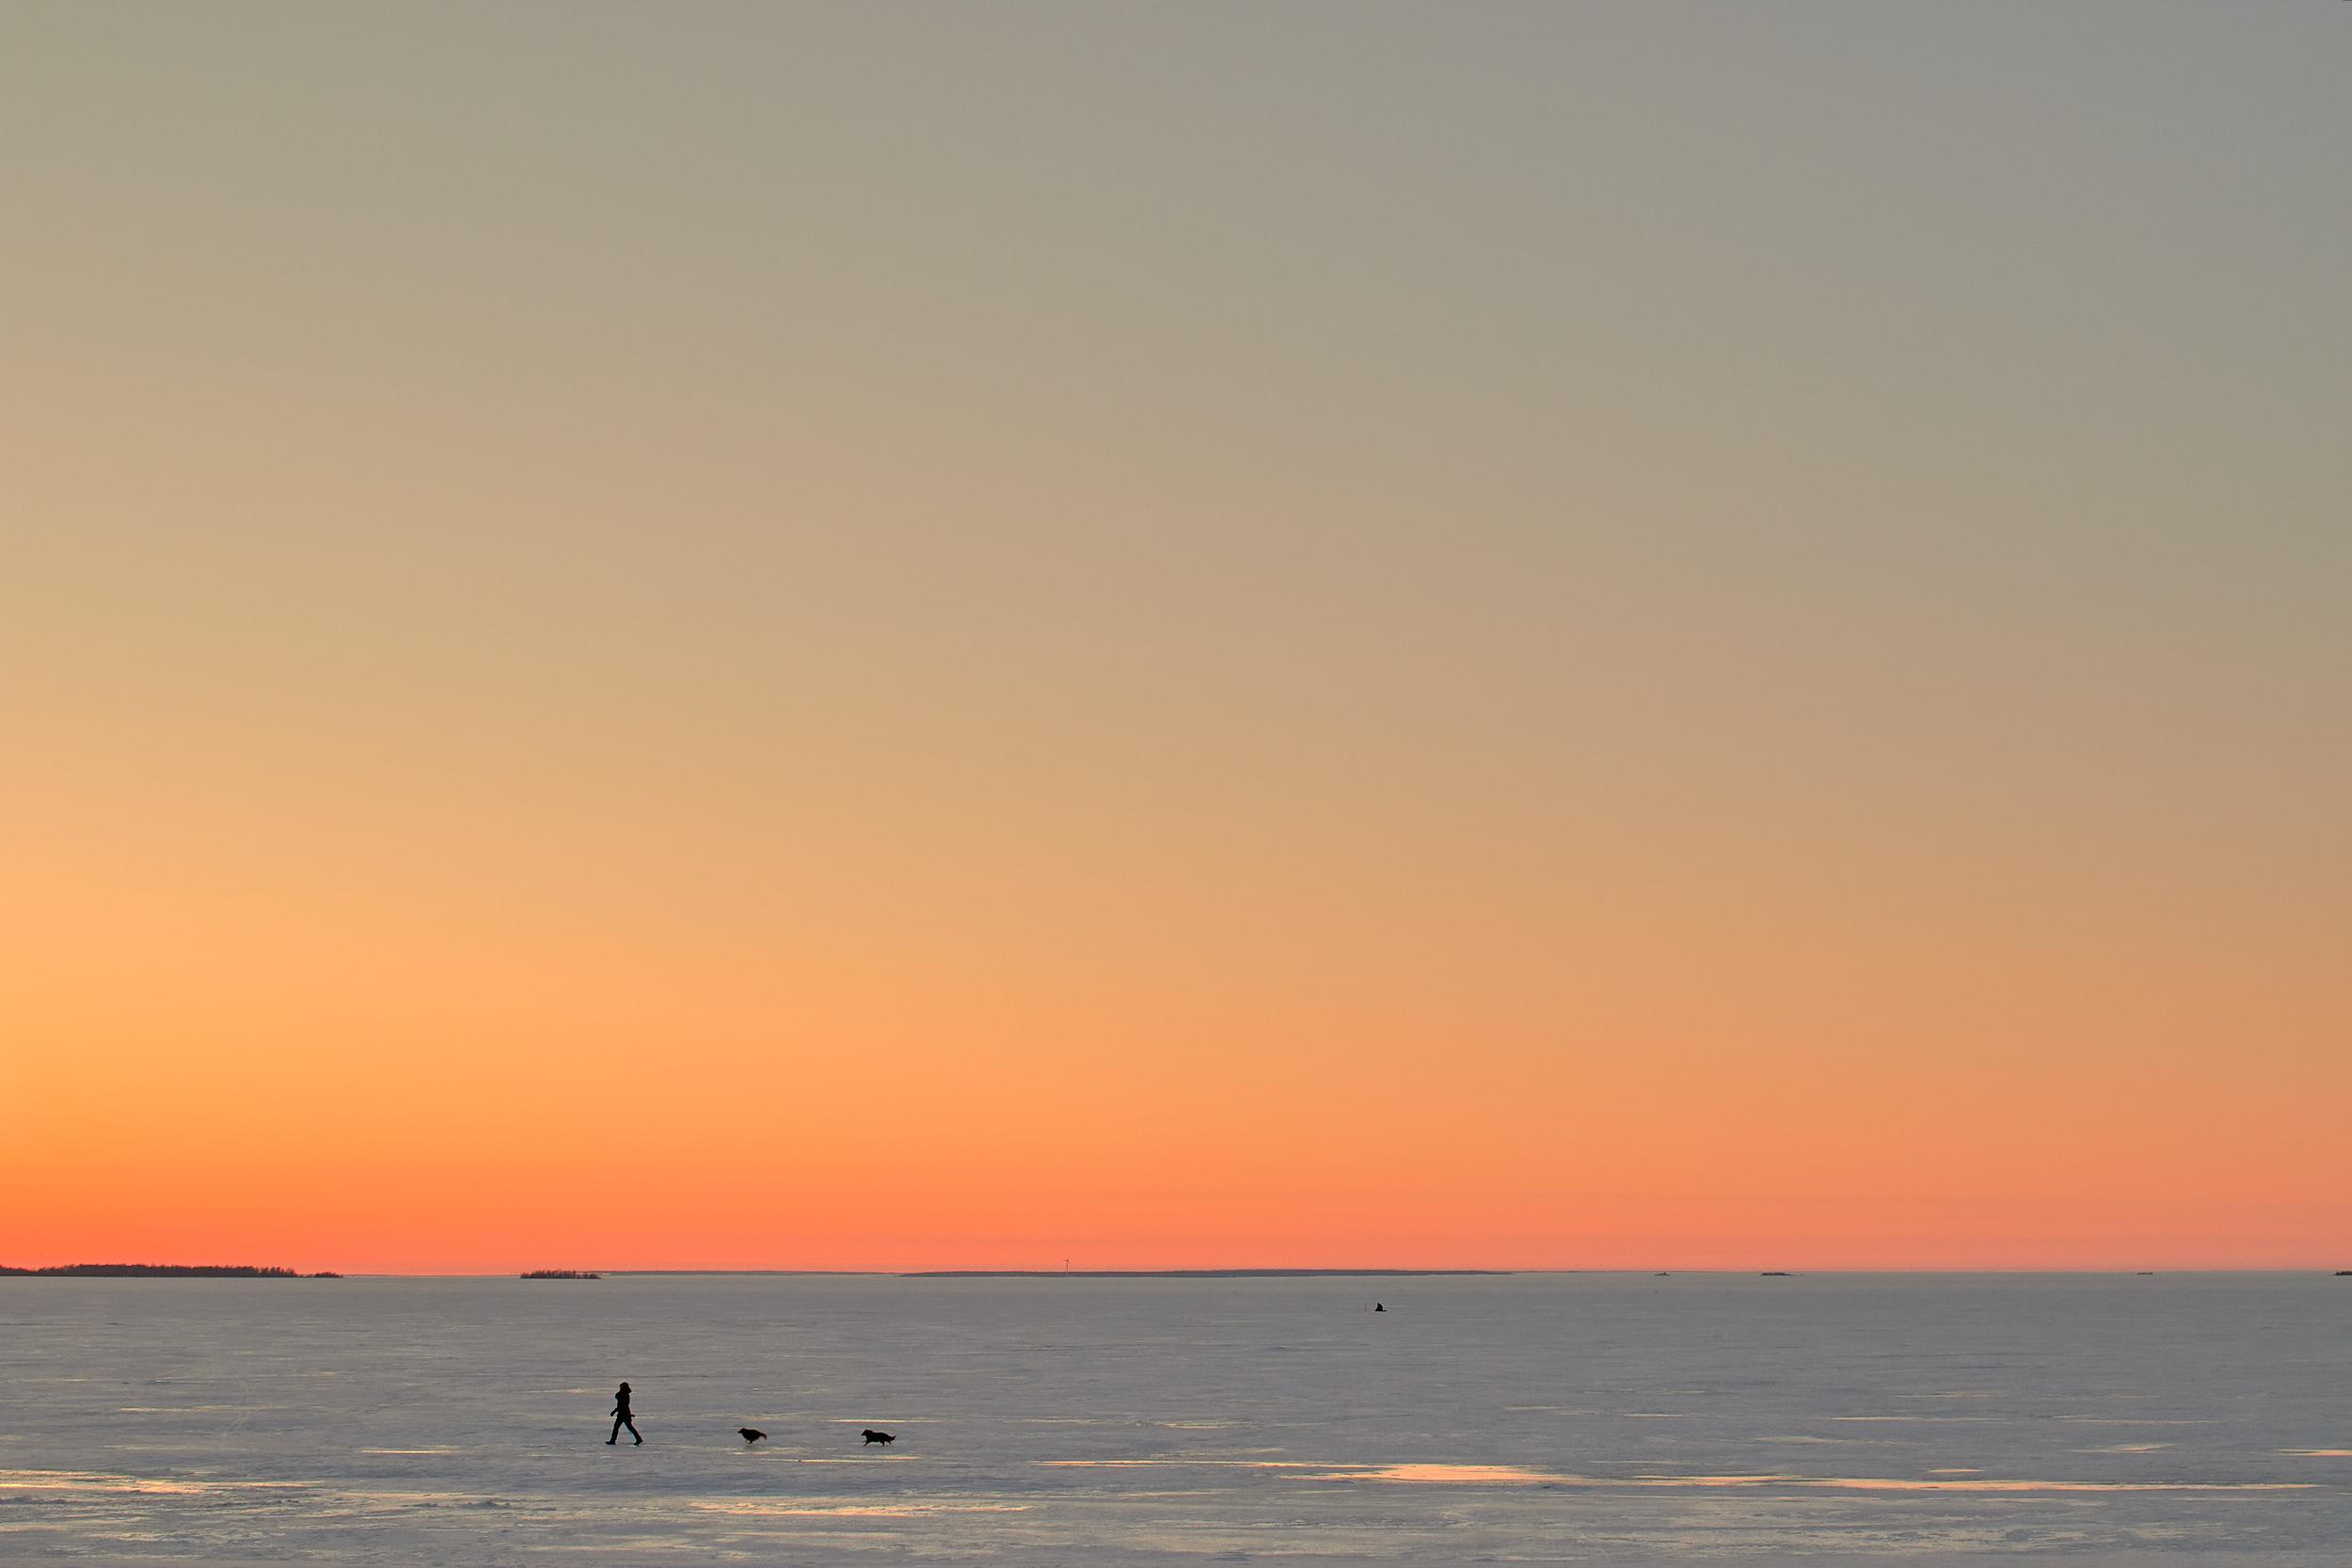 35 mm - 2019-02-21 17.09.08 - Oulu Week 7.jpg